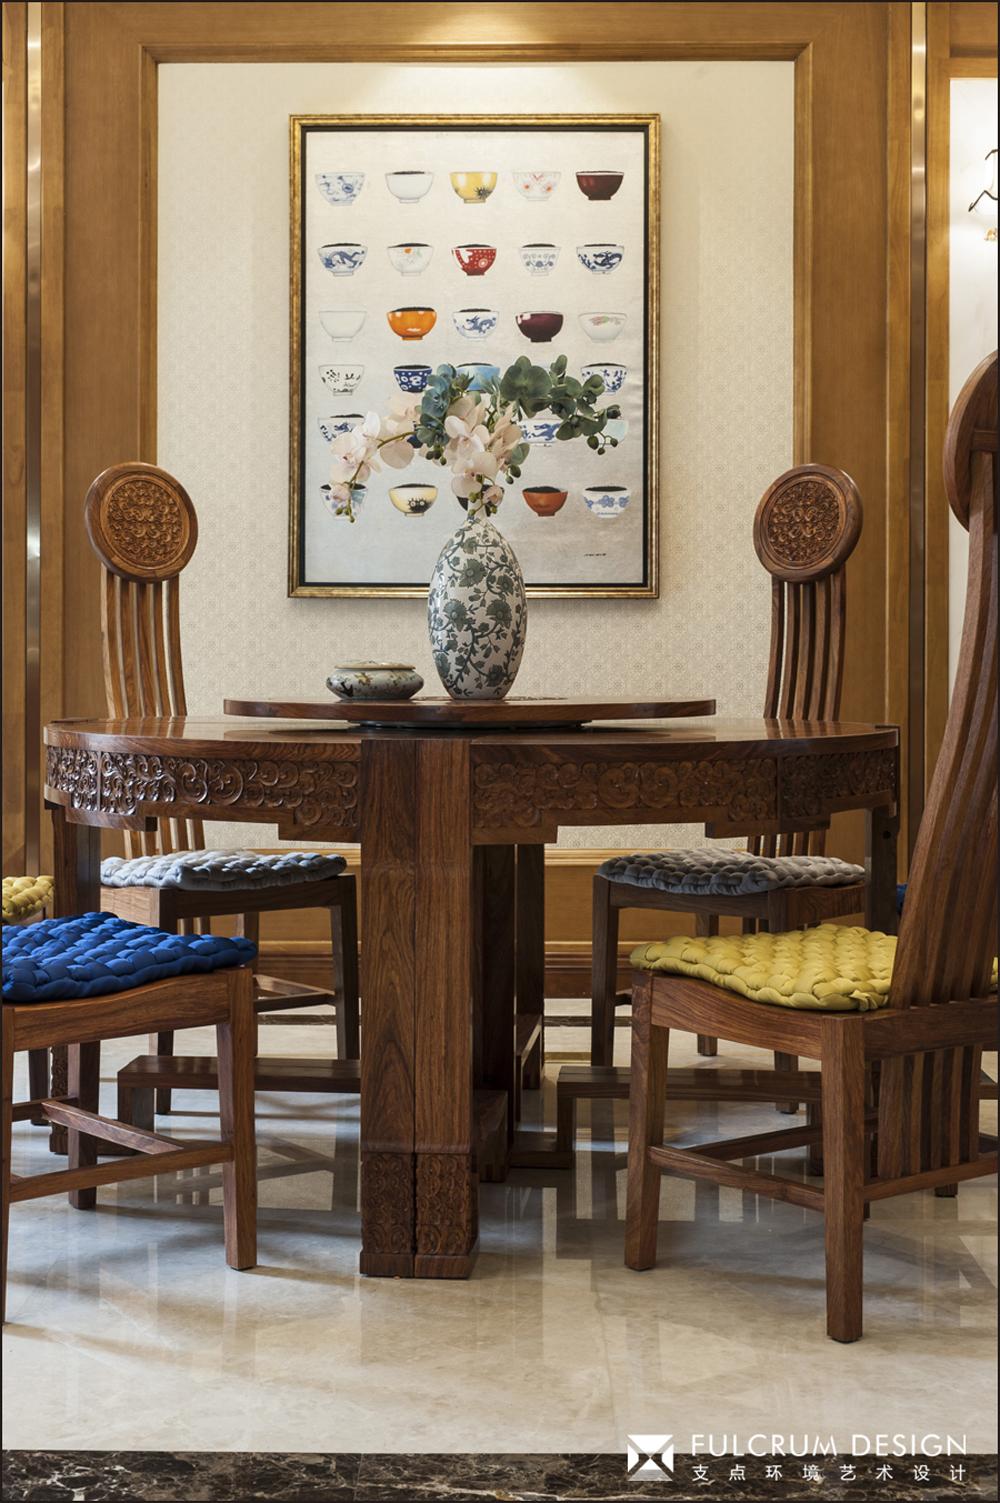 中式风格别墅餐厅装修效果图